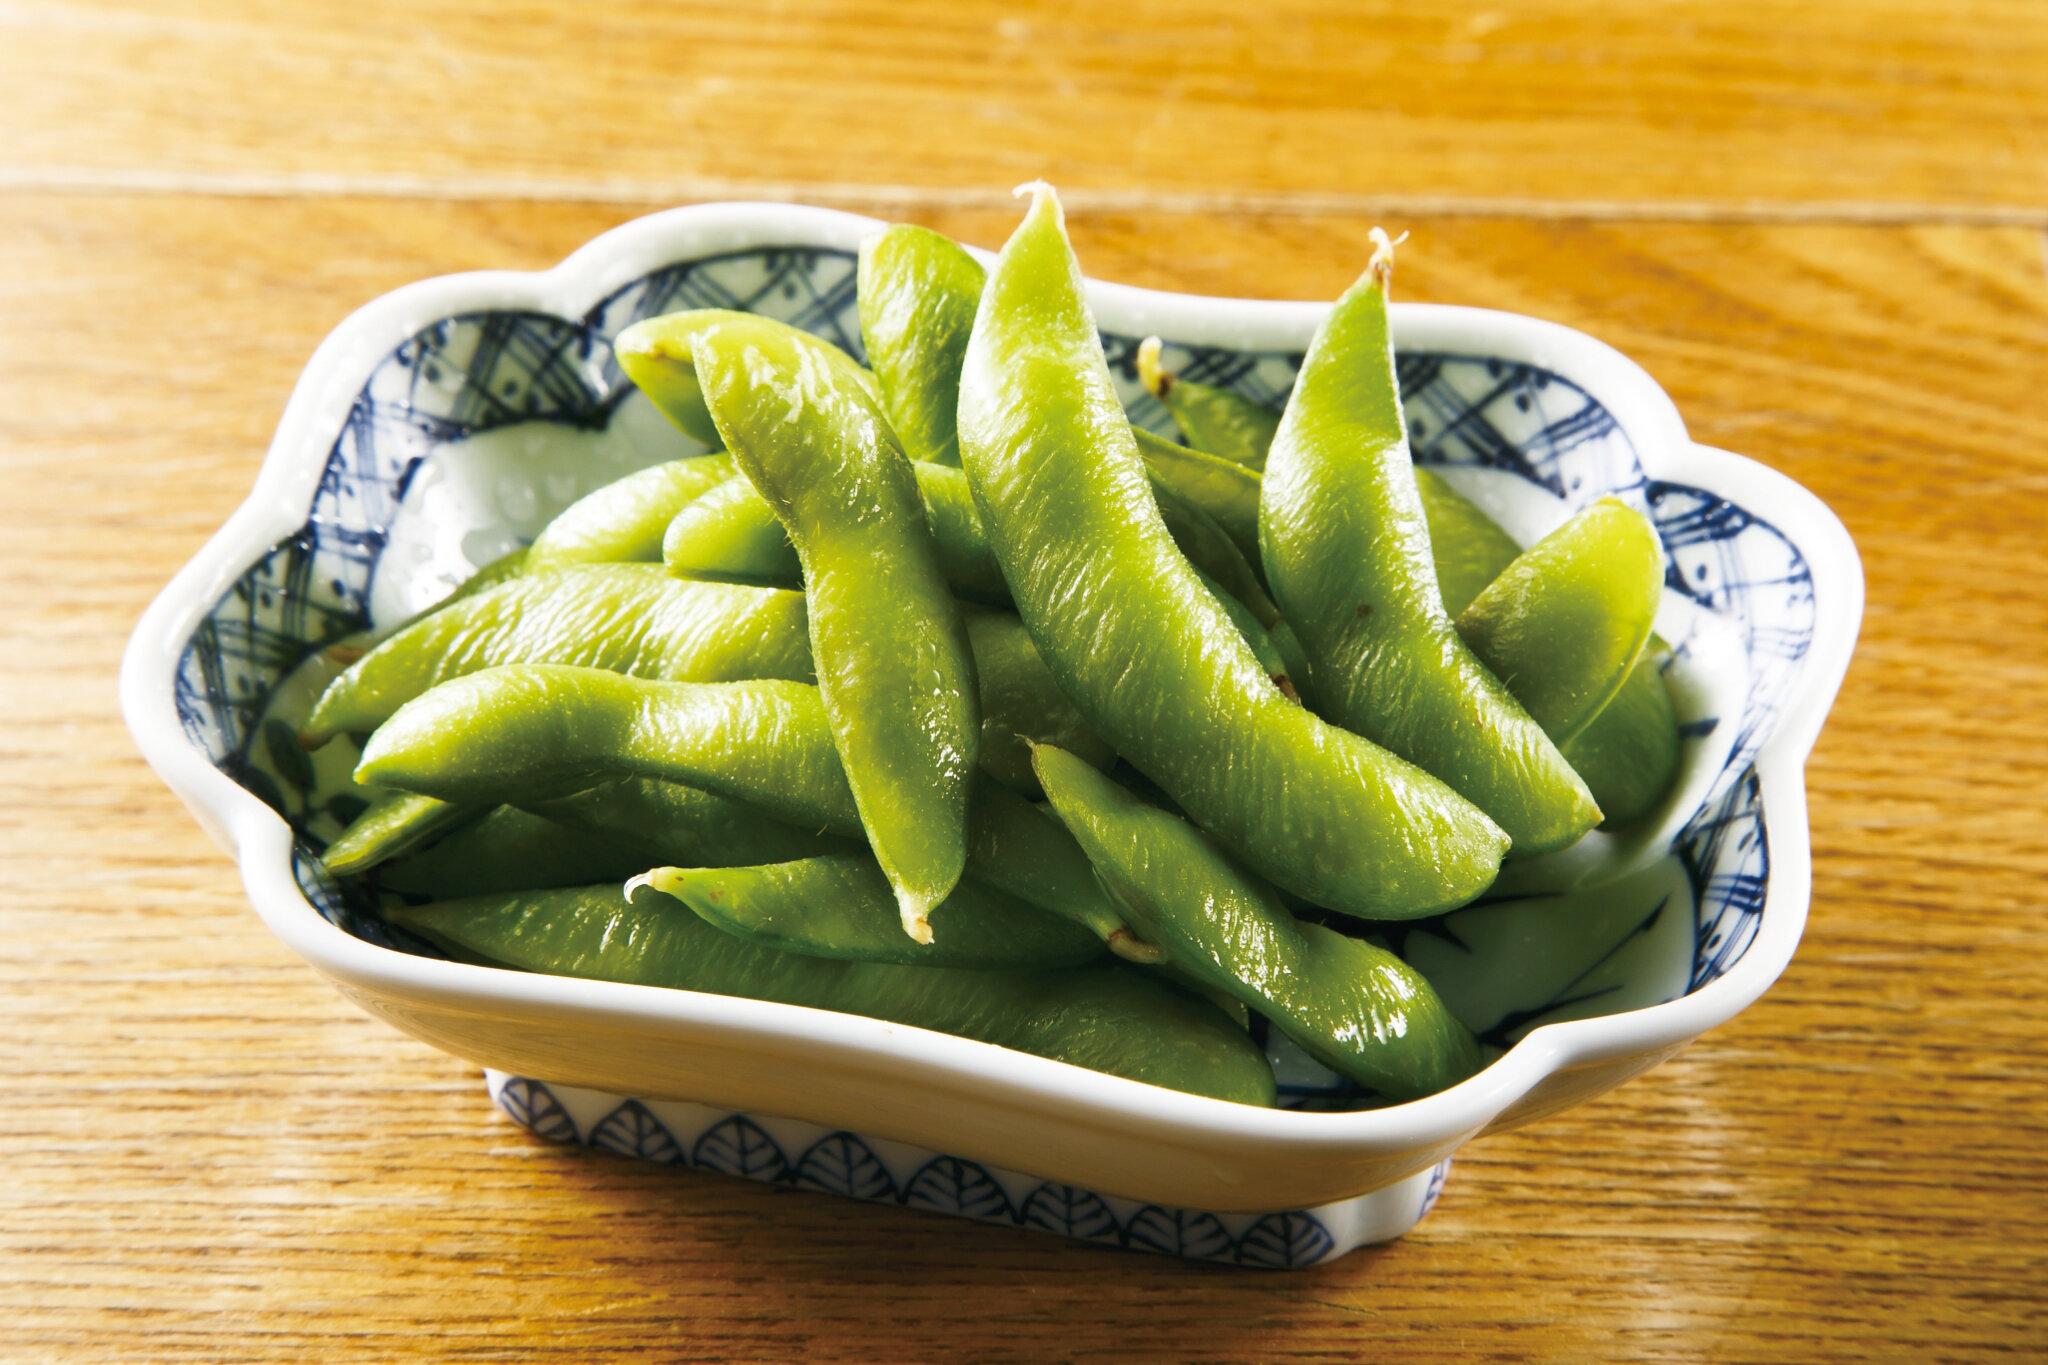 ワサビ枝豆 Edamame marinated with Wasabi Sauce ($5)